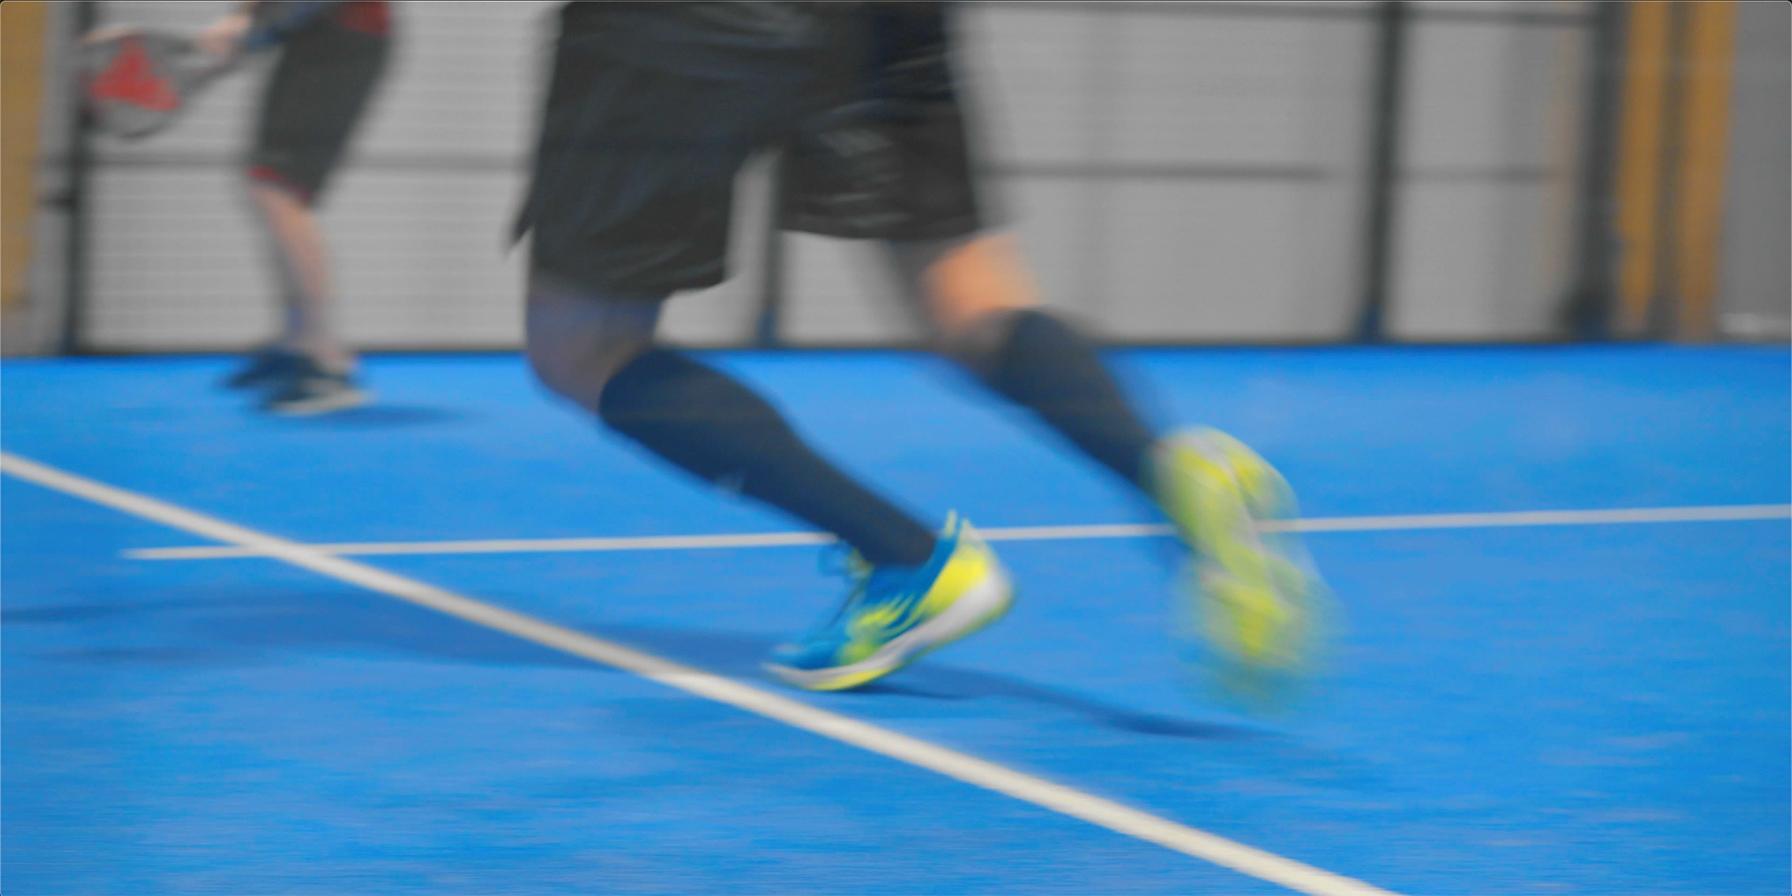 skellefteå padel padelbanor unisport